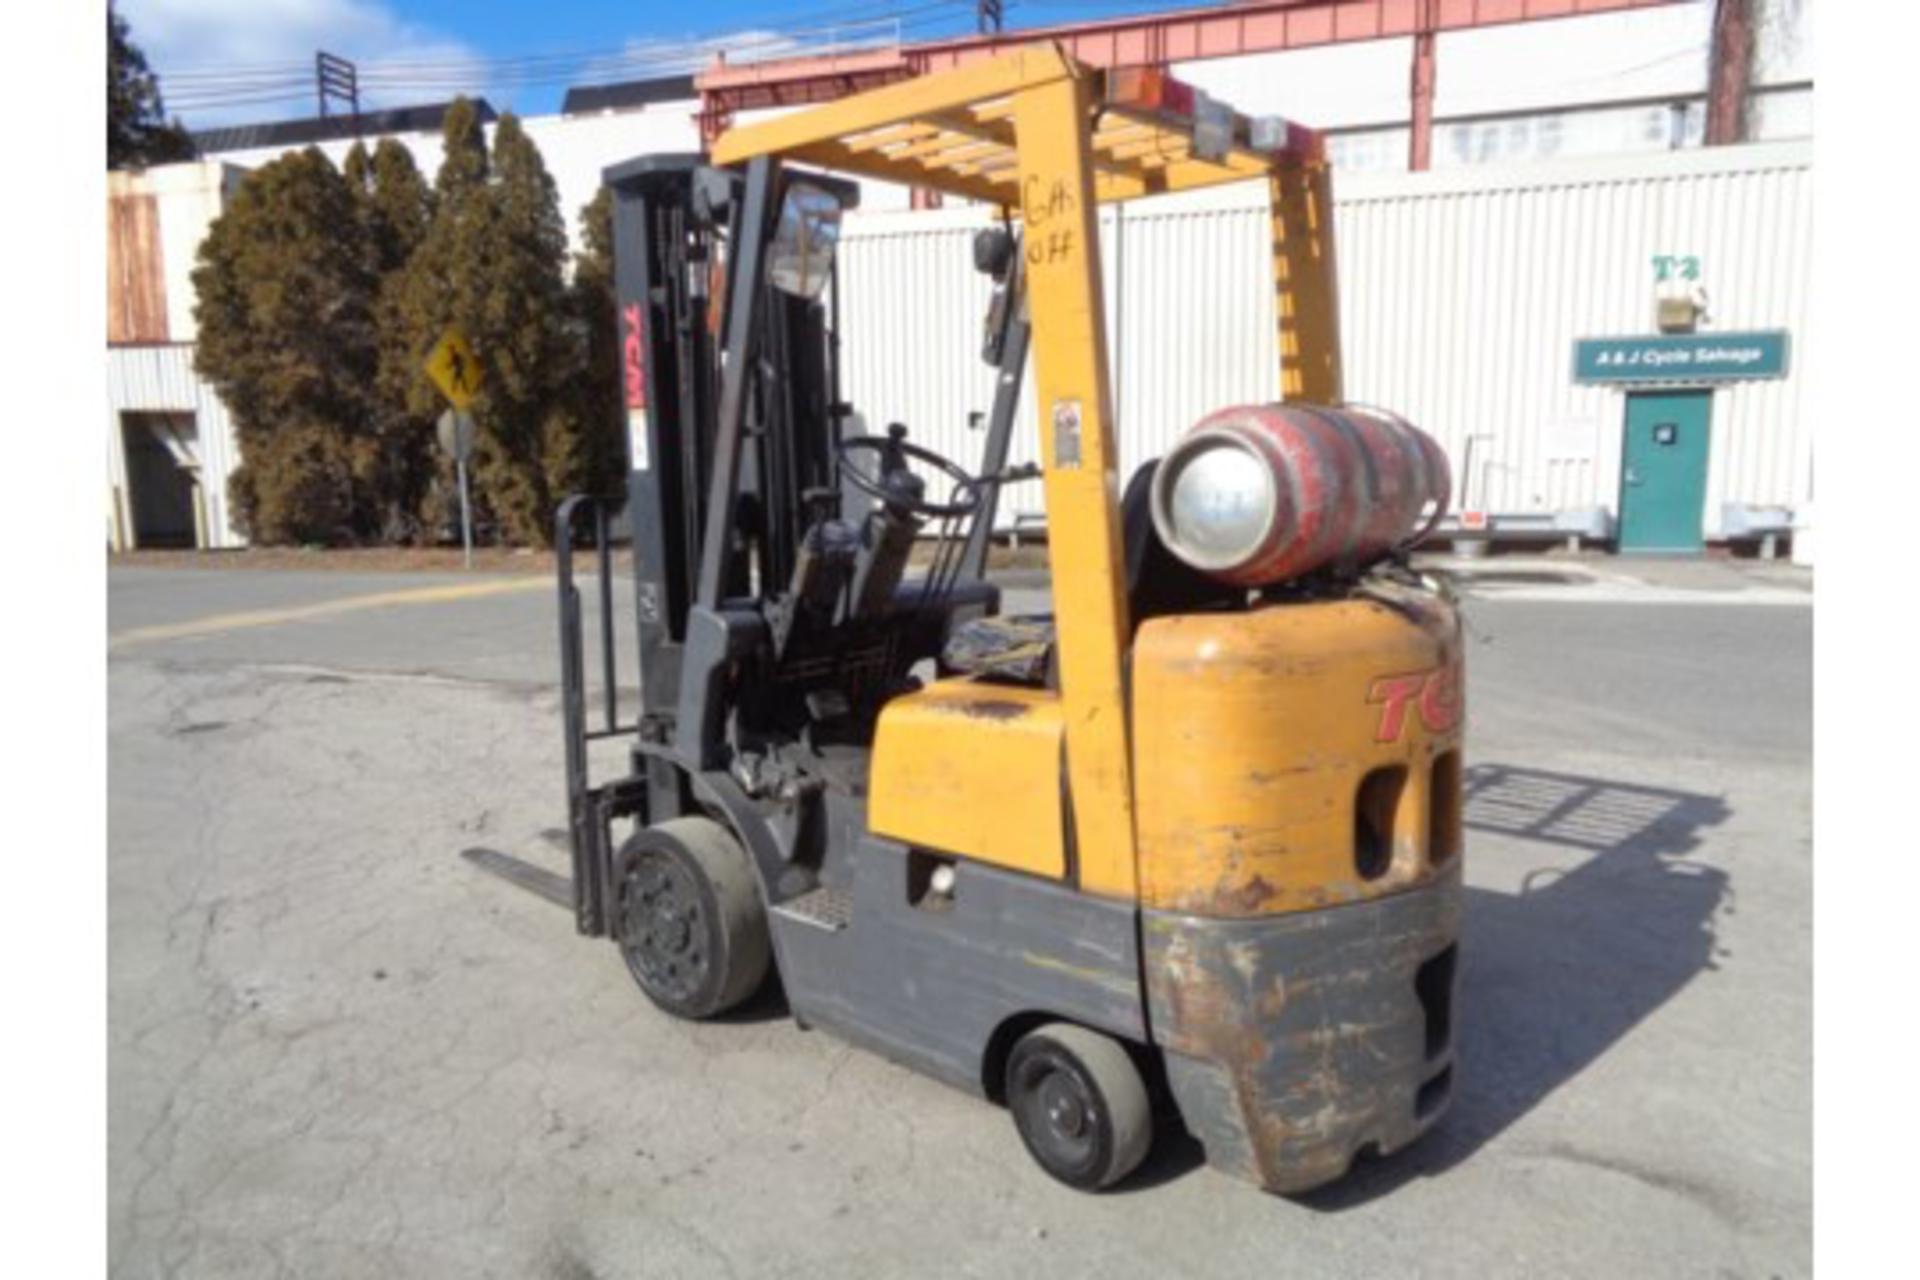 TCM FCG15F9 3,000lb Forklift - Image 8 of 16